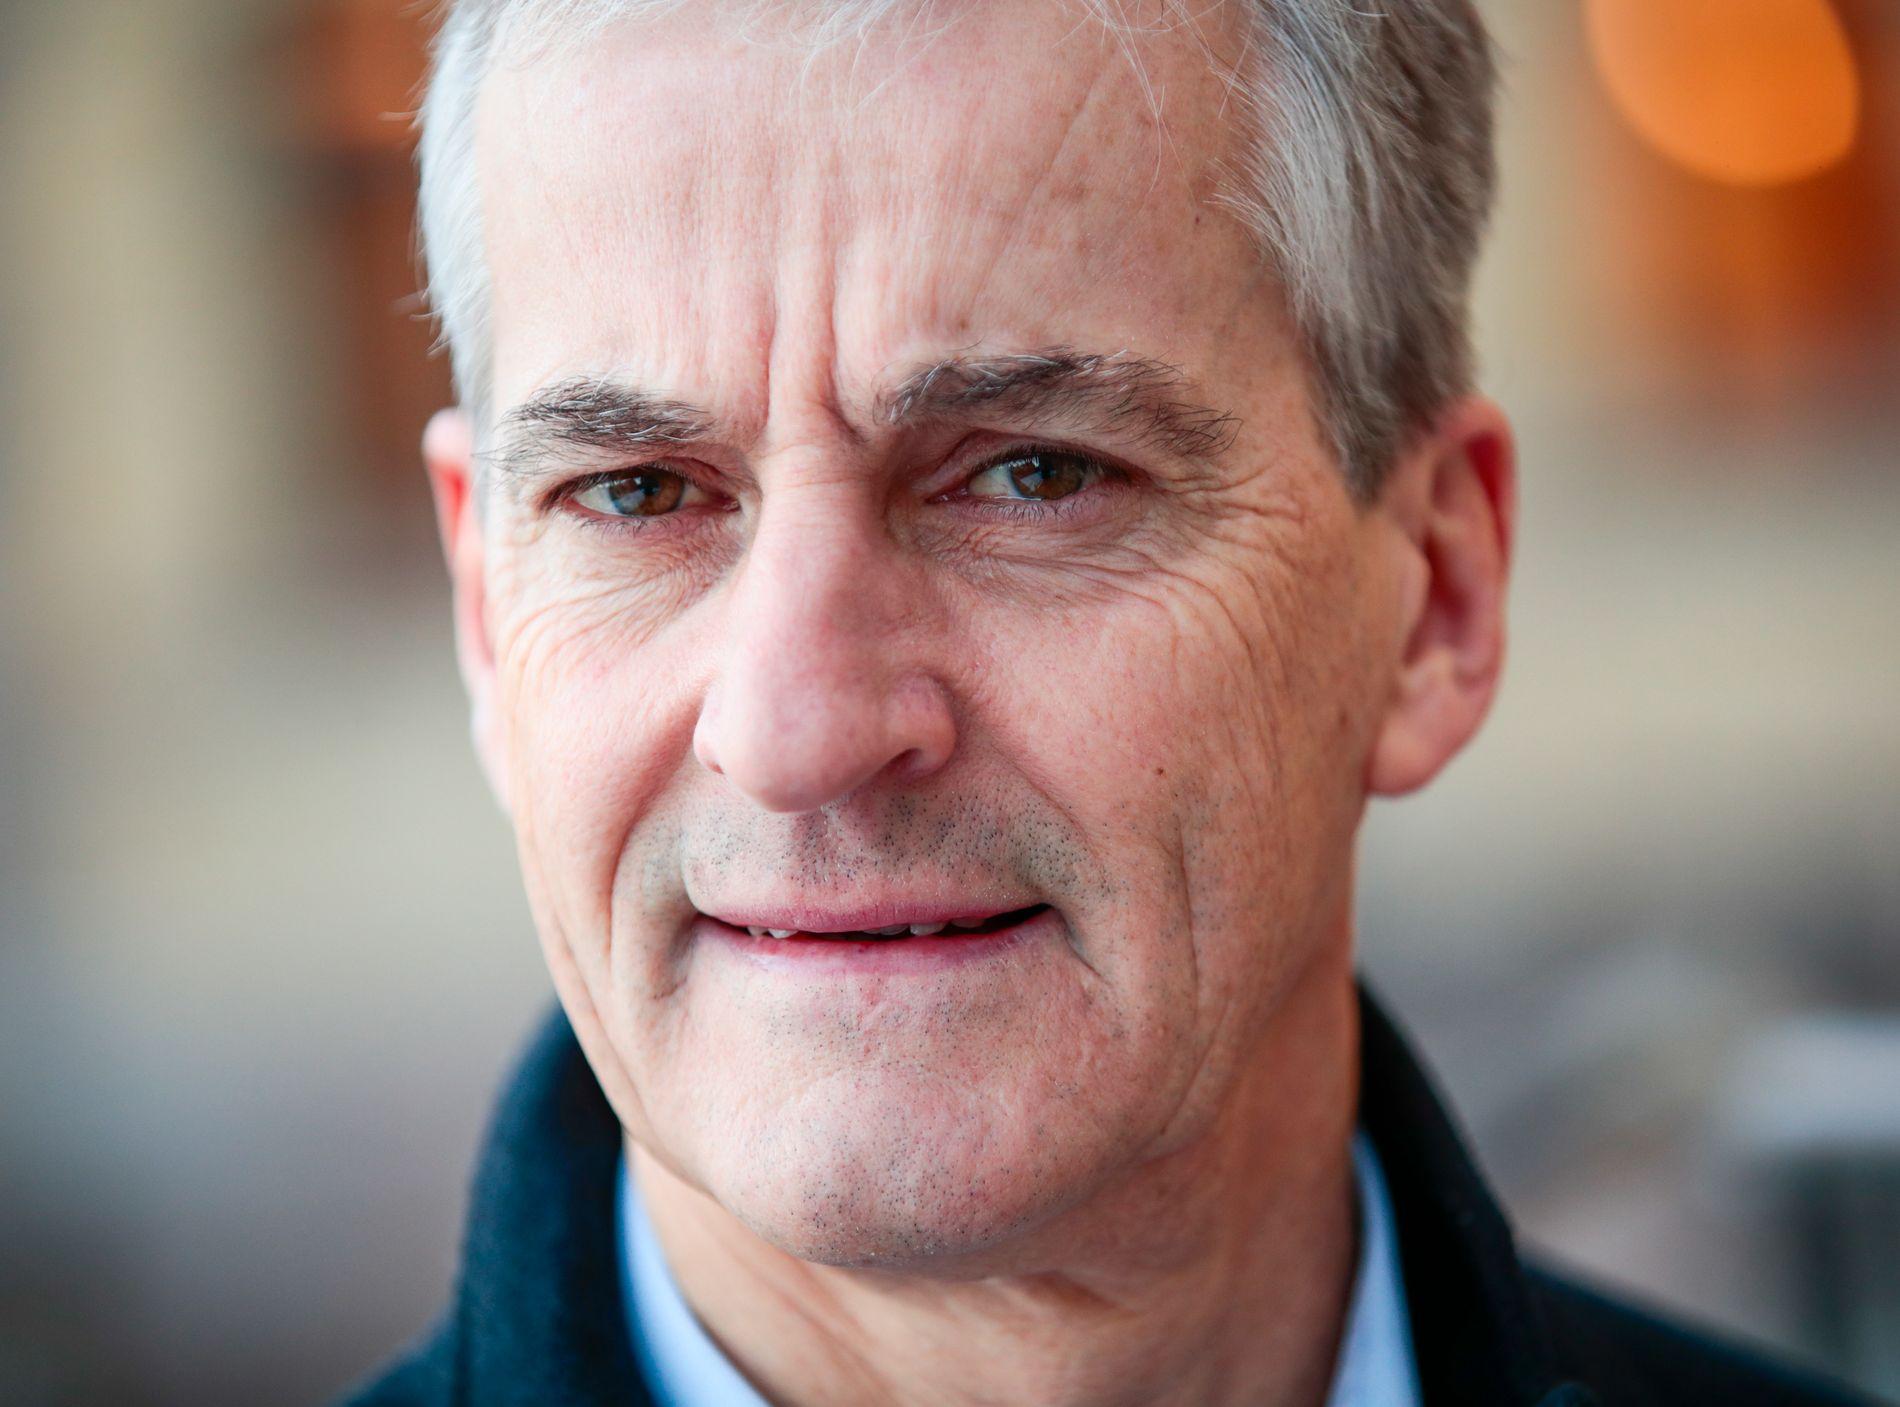 LOVER IKKE LAVERE KOSTNADER: Ap-leder Jonas Gahr Støre vil endre hele bompengesystemet. Han lover en mer rettferdig ordning, men ikke lavere kostnader.